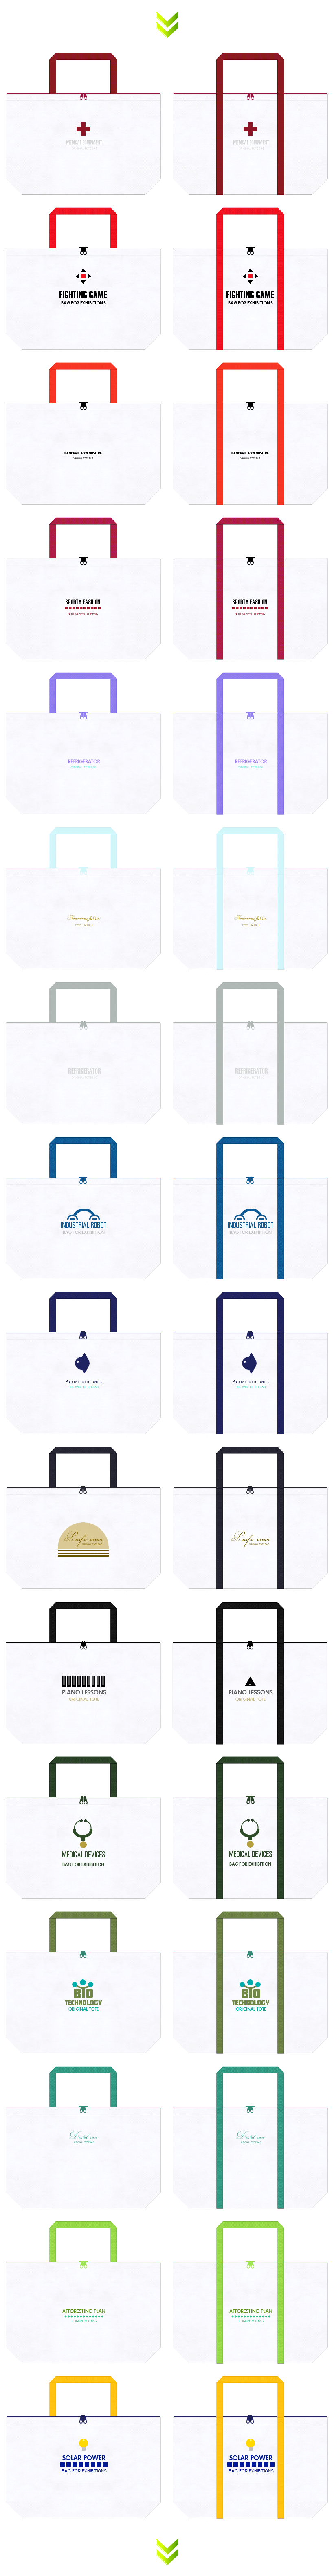 ファスナー付の不織布バッグのデザイン:展示会用バッグ・販促イベントのノベルティ・スポーツバッグ・お買い物用バッグにお奨めです。